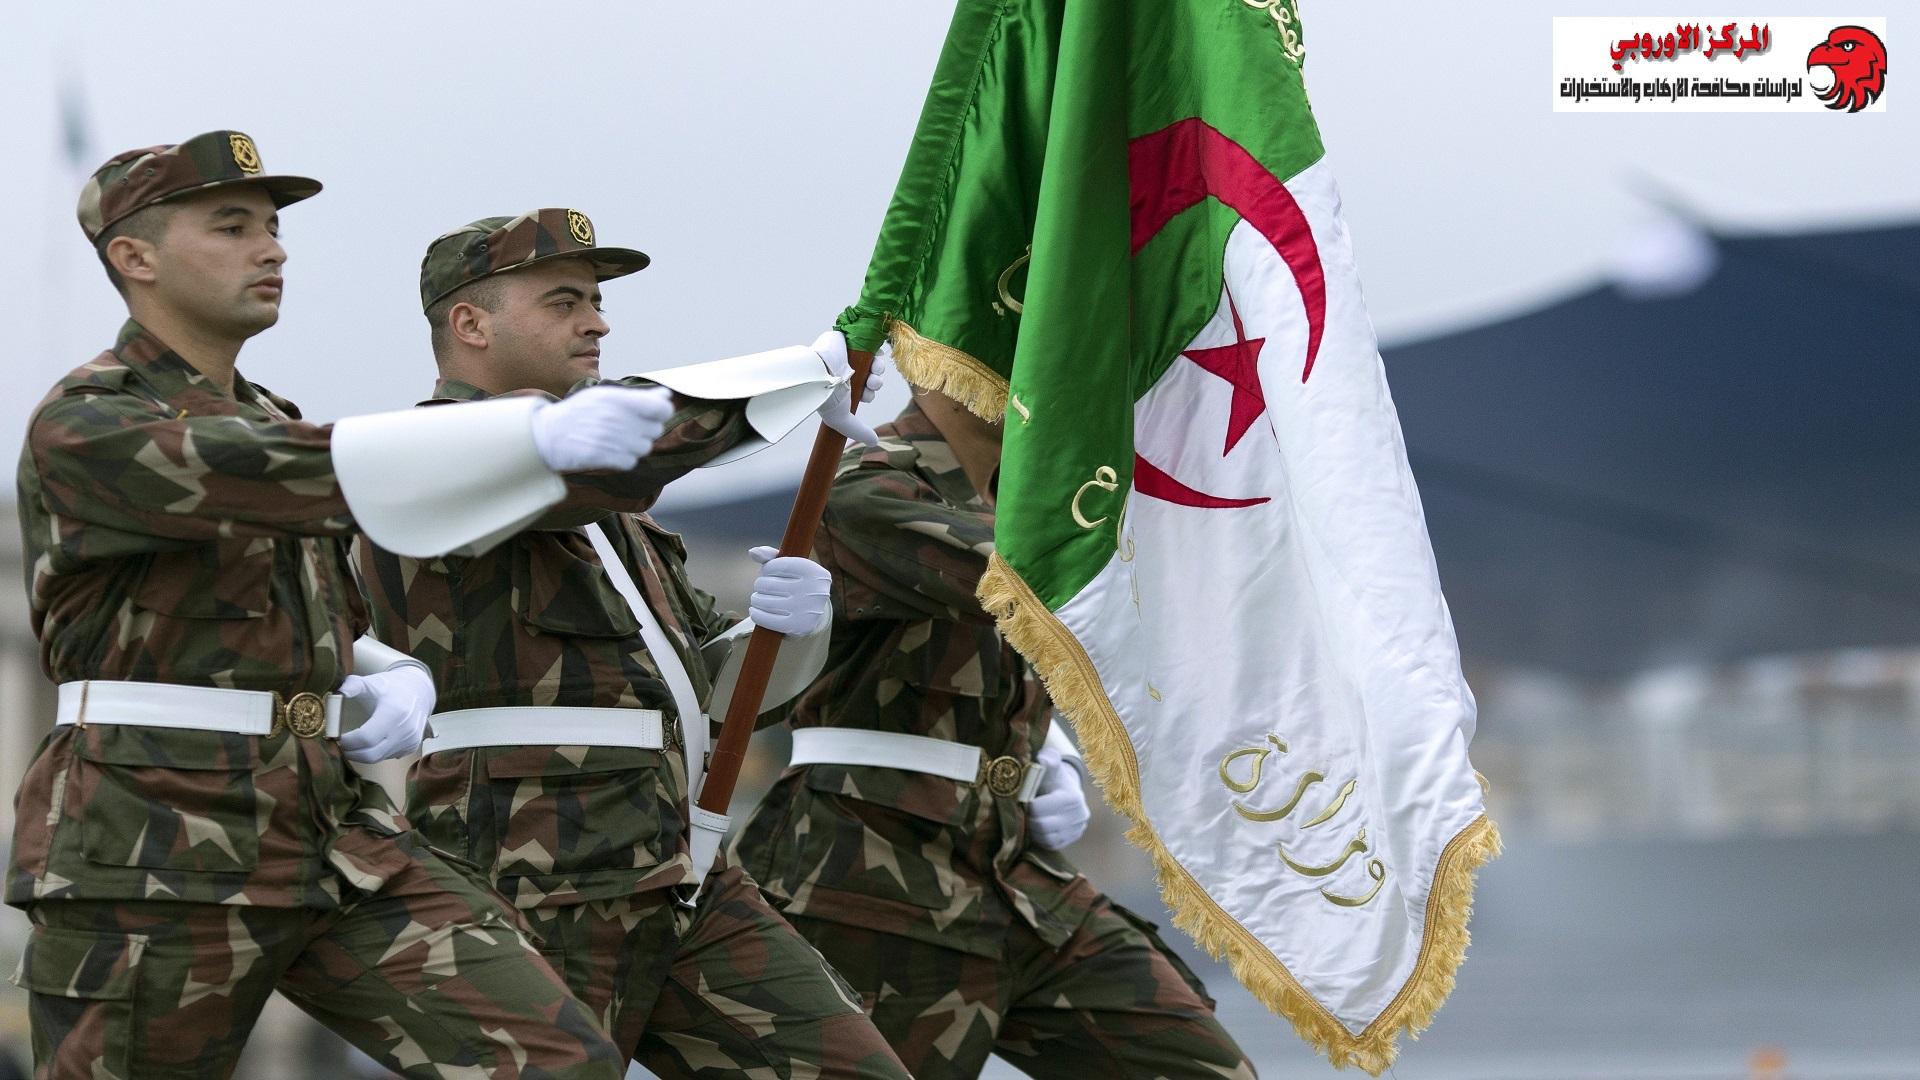 محاربة الإرهاب.. التجربة الجزائرية نموذجا. بقلم علي ياحي